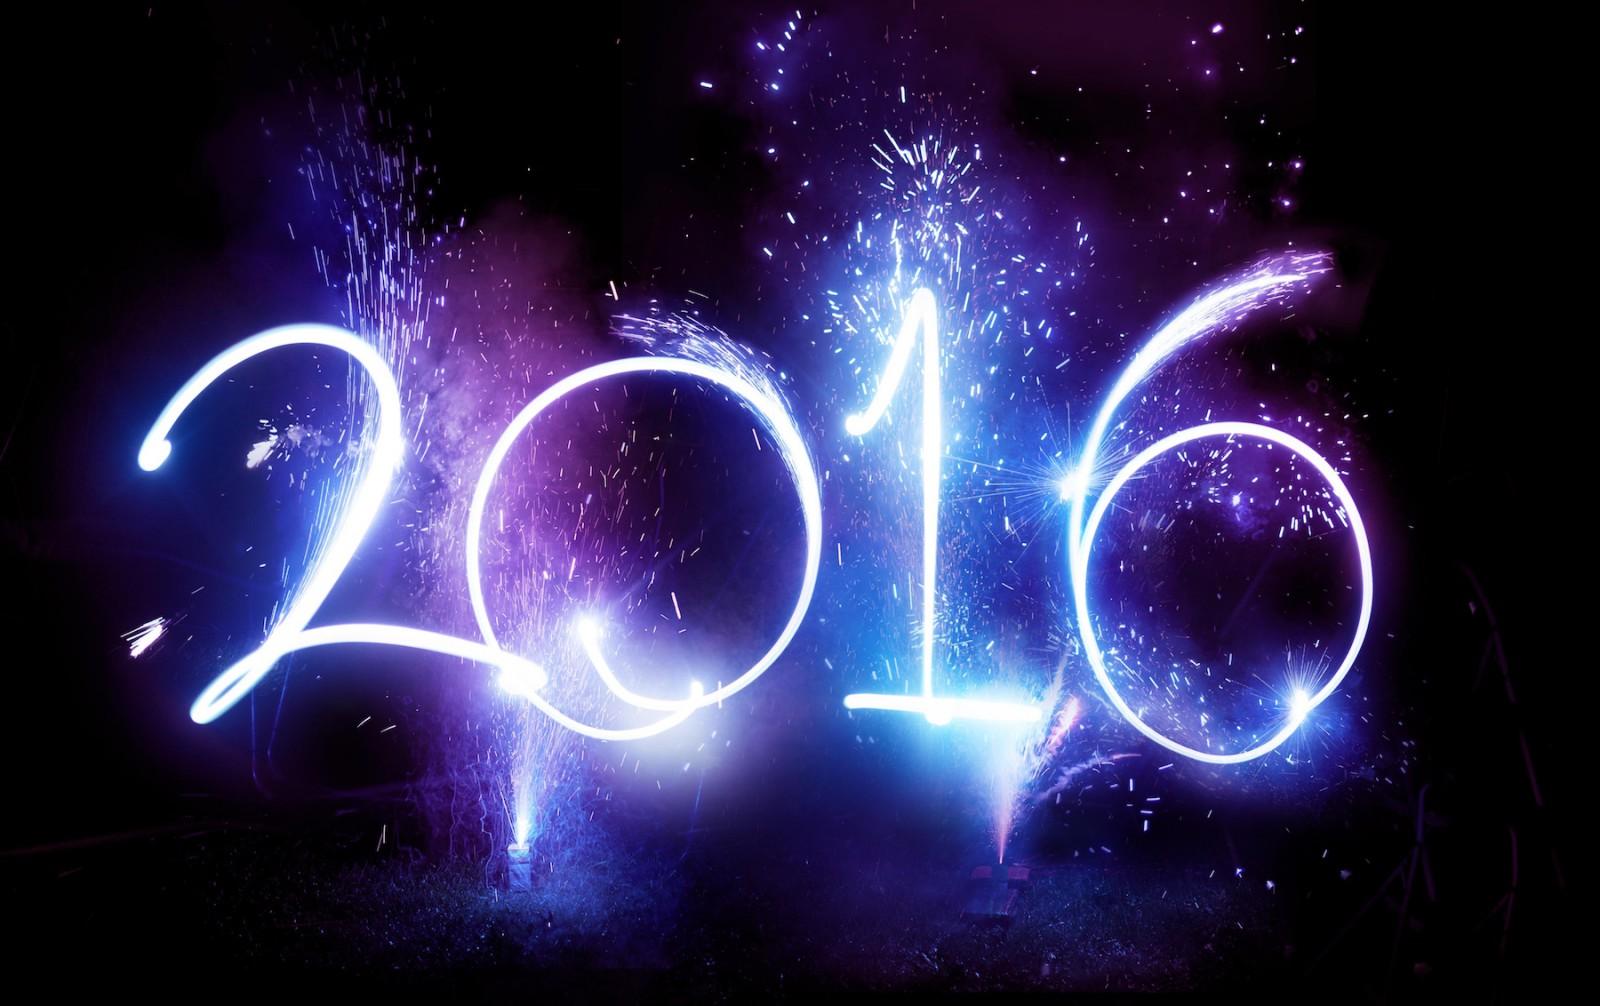 Llegó 2016